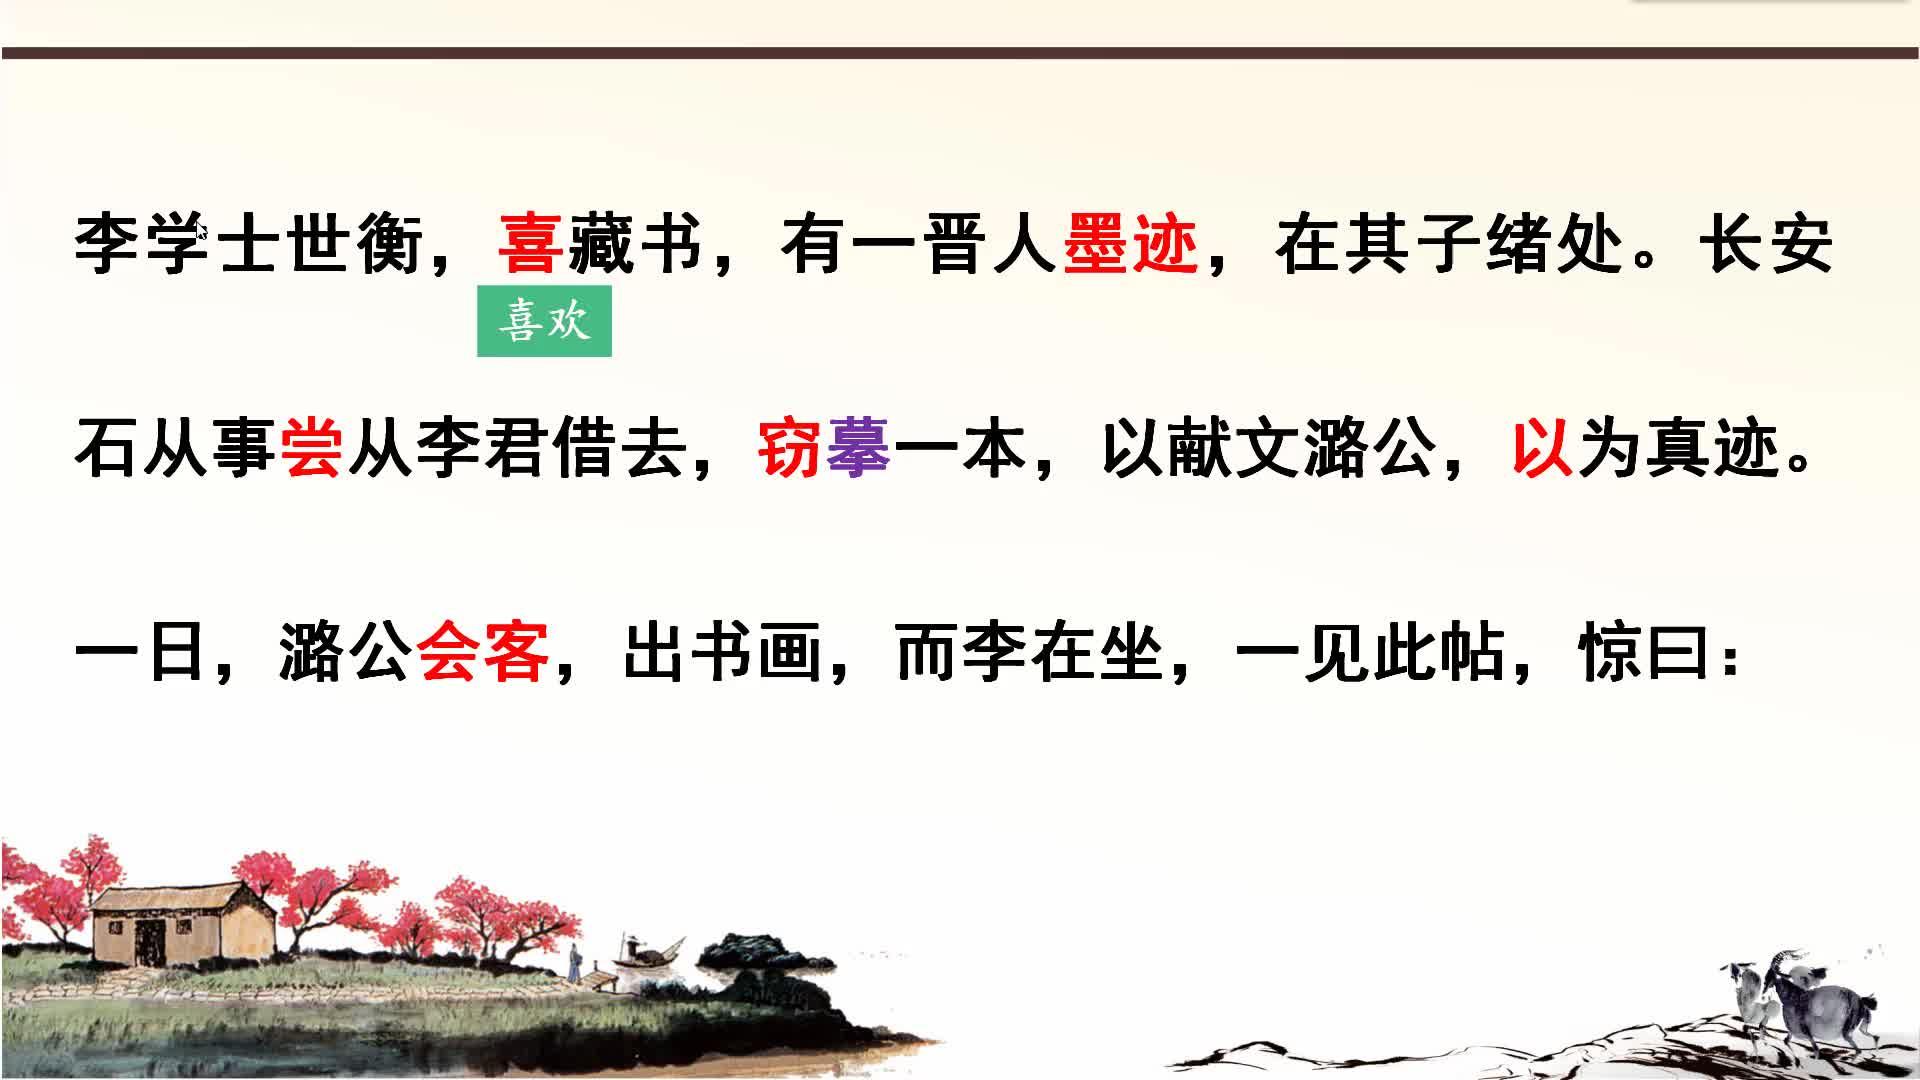 八年级语文组合阅读文言文突破训练:19.李学士世衡-视频微课堂